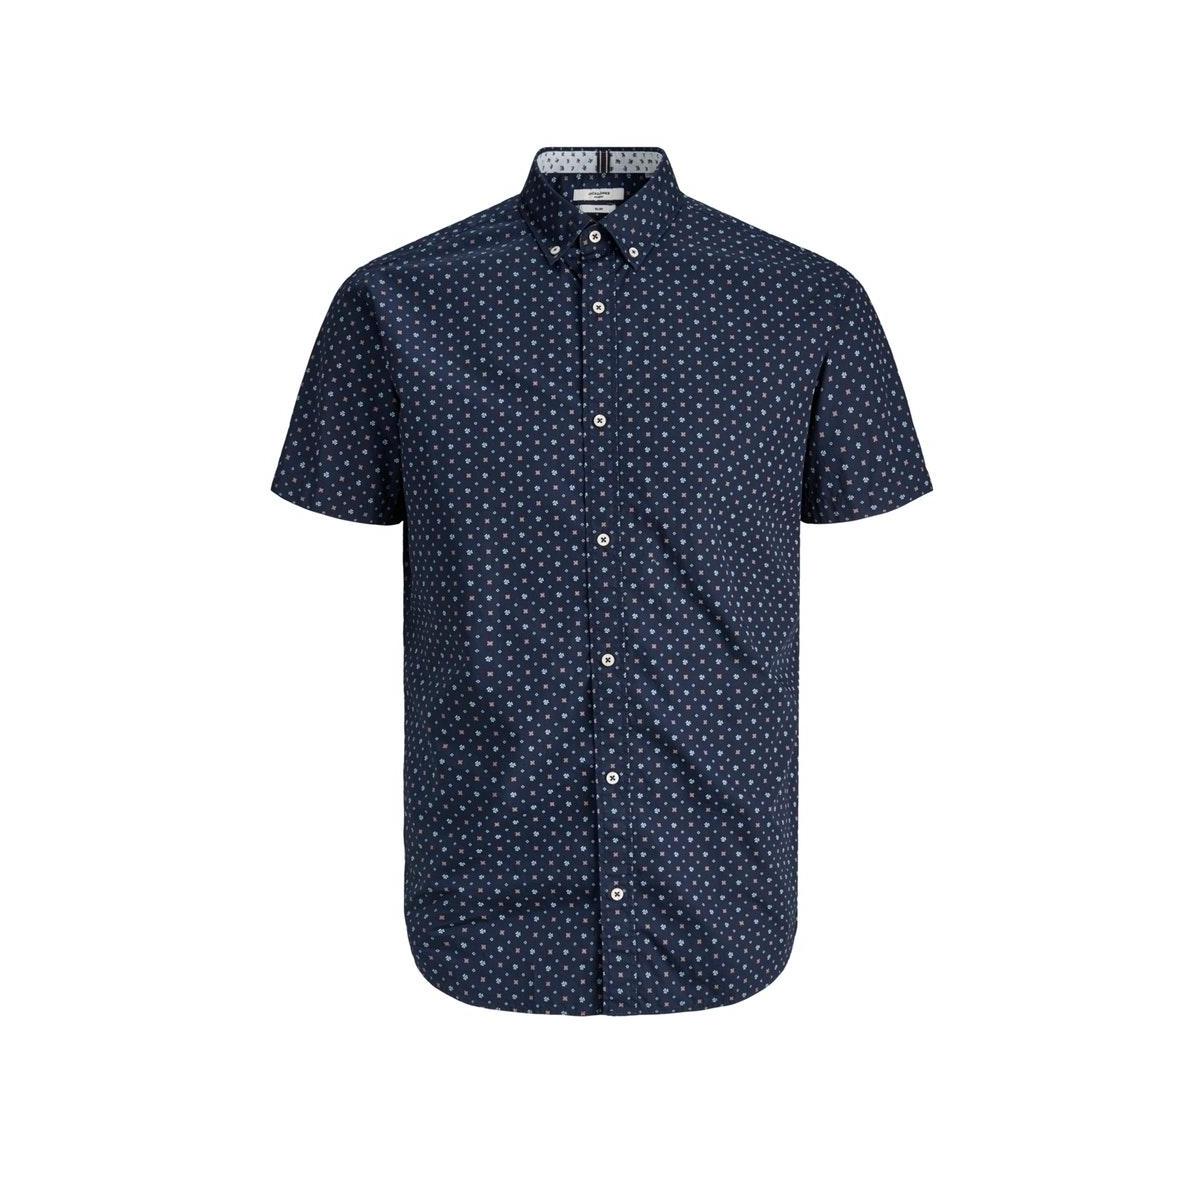 jprblapeter detail shirt s/s stretc 12170681 jack & jones overhemd navy blazer/slim fit